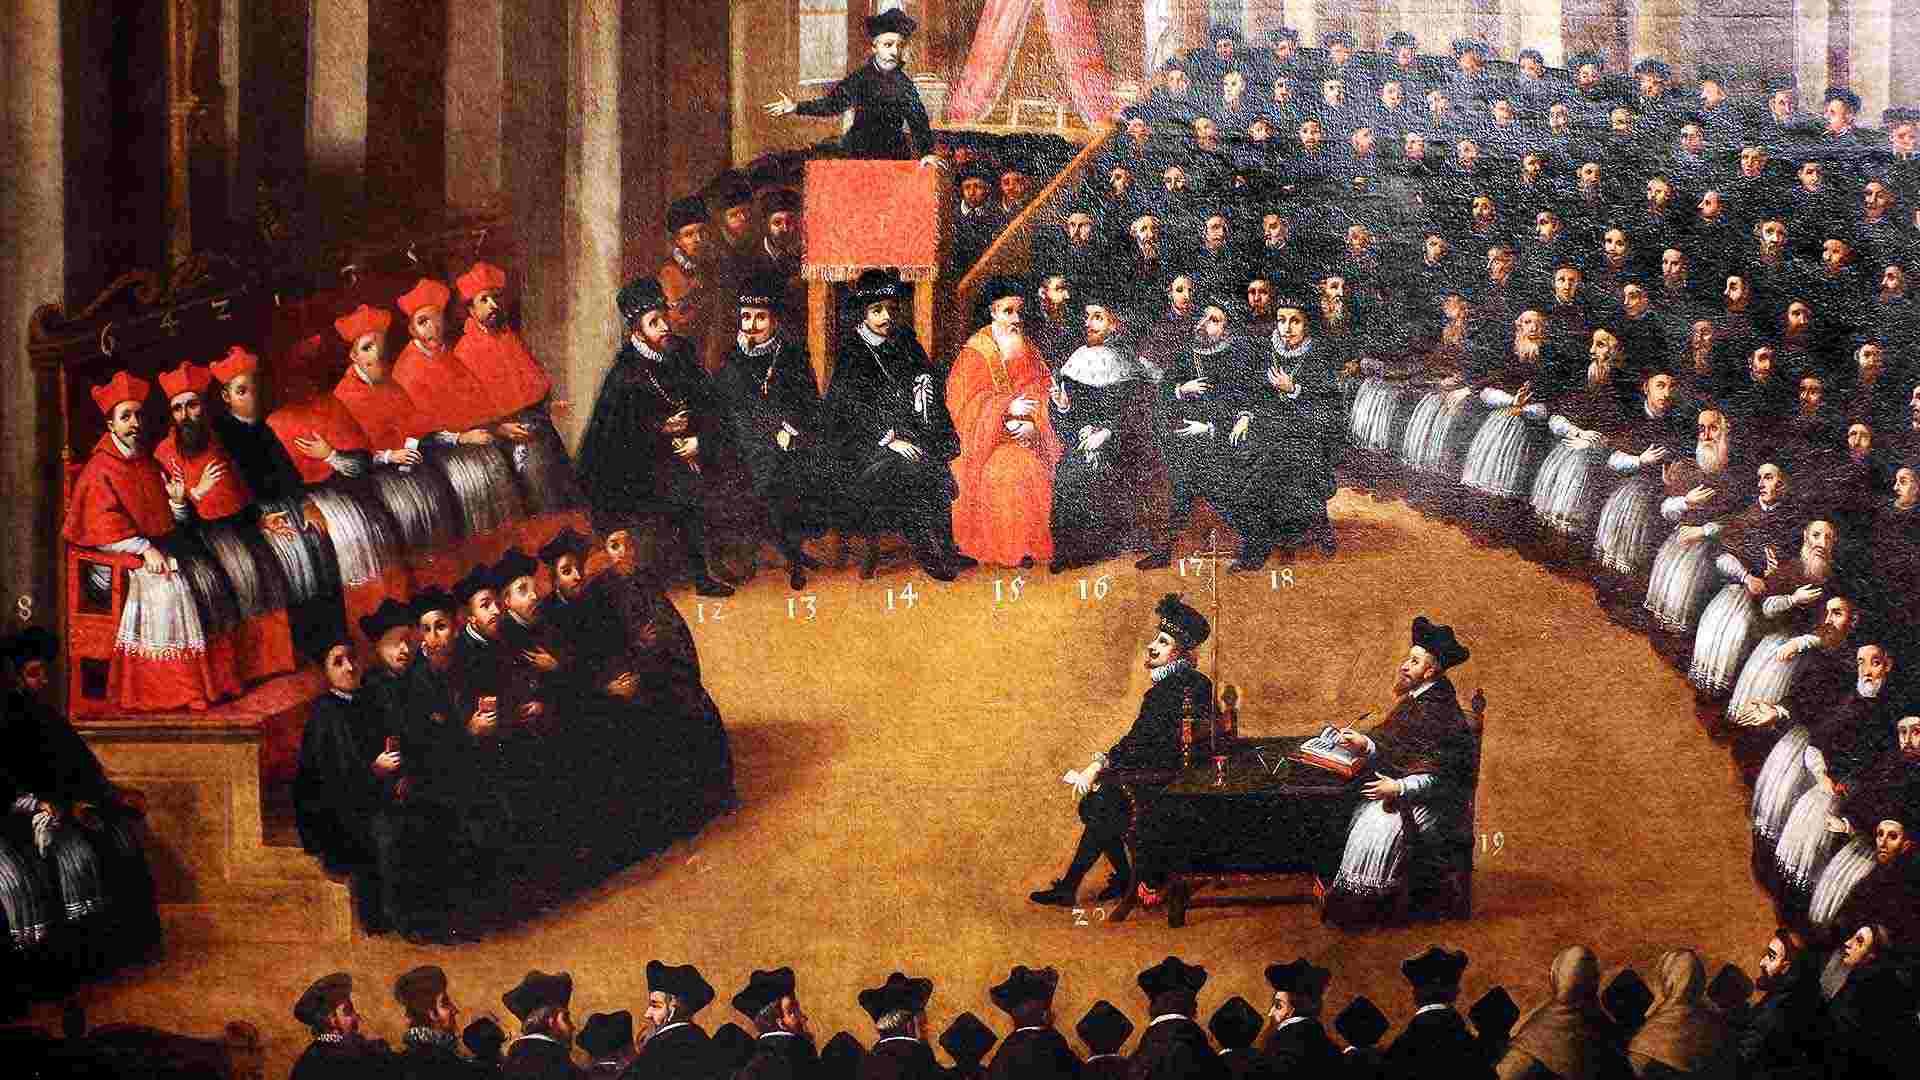 Venerabile Arciconfraternita della Santissima Trinità